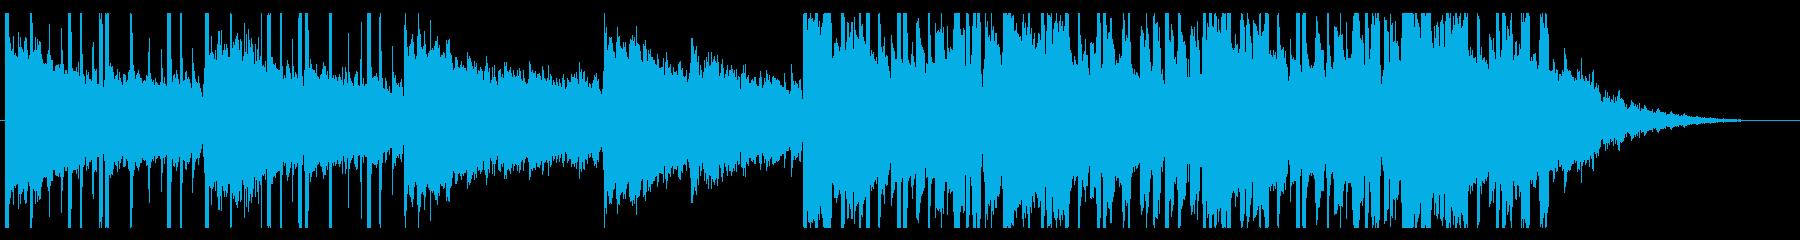 雨/ほのぼの/R&B_No381_2の再生済みの波形